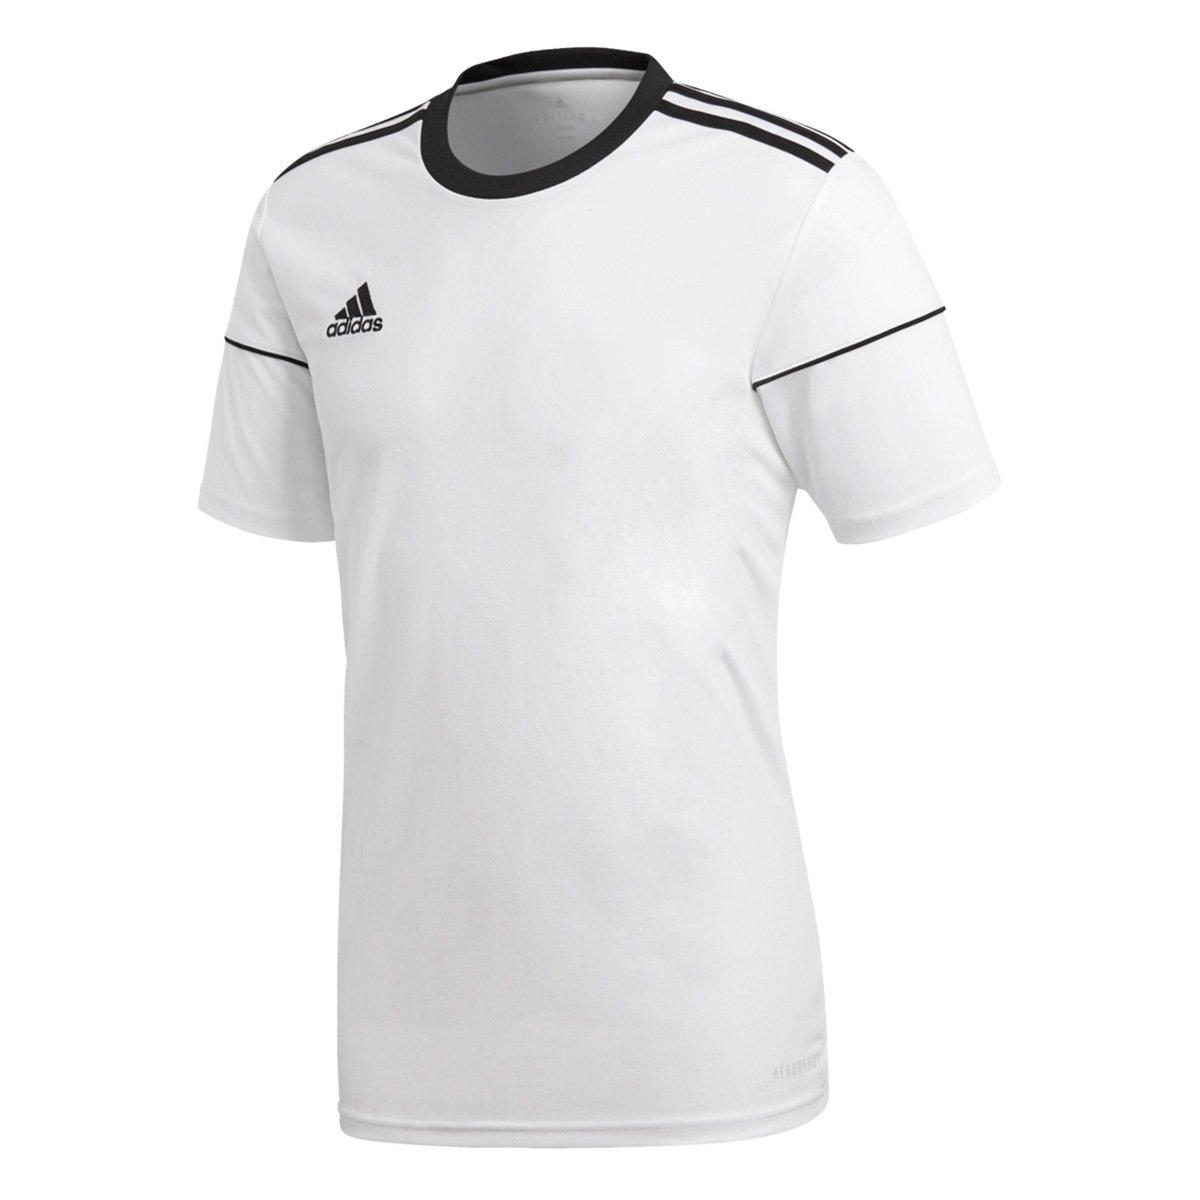 edcc10c41d763 Camisa Adidas Squadra 17 Masculina - Branco e Preto - Compre Agora ...